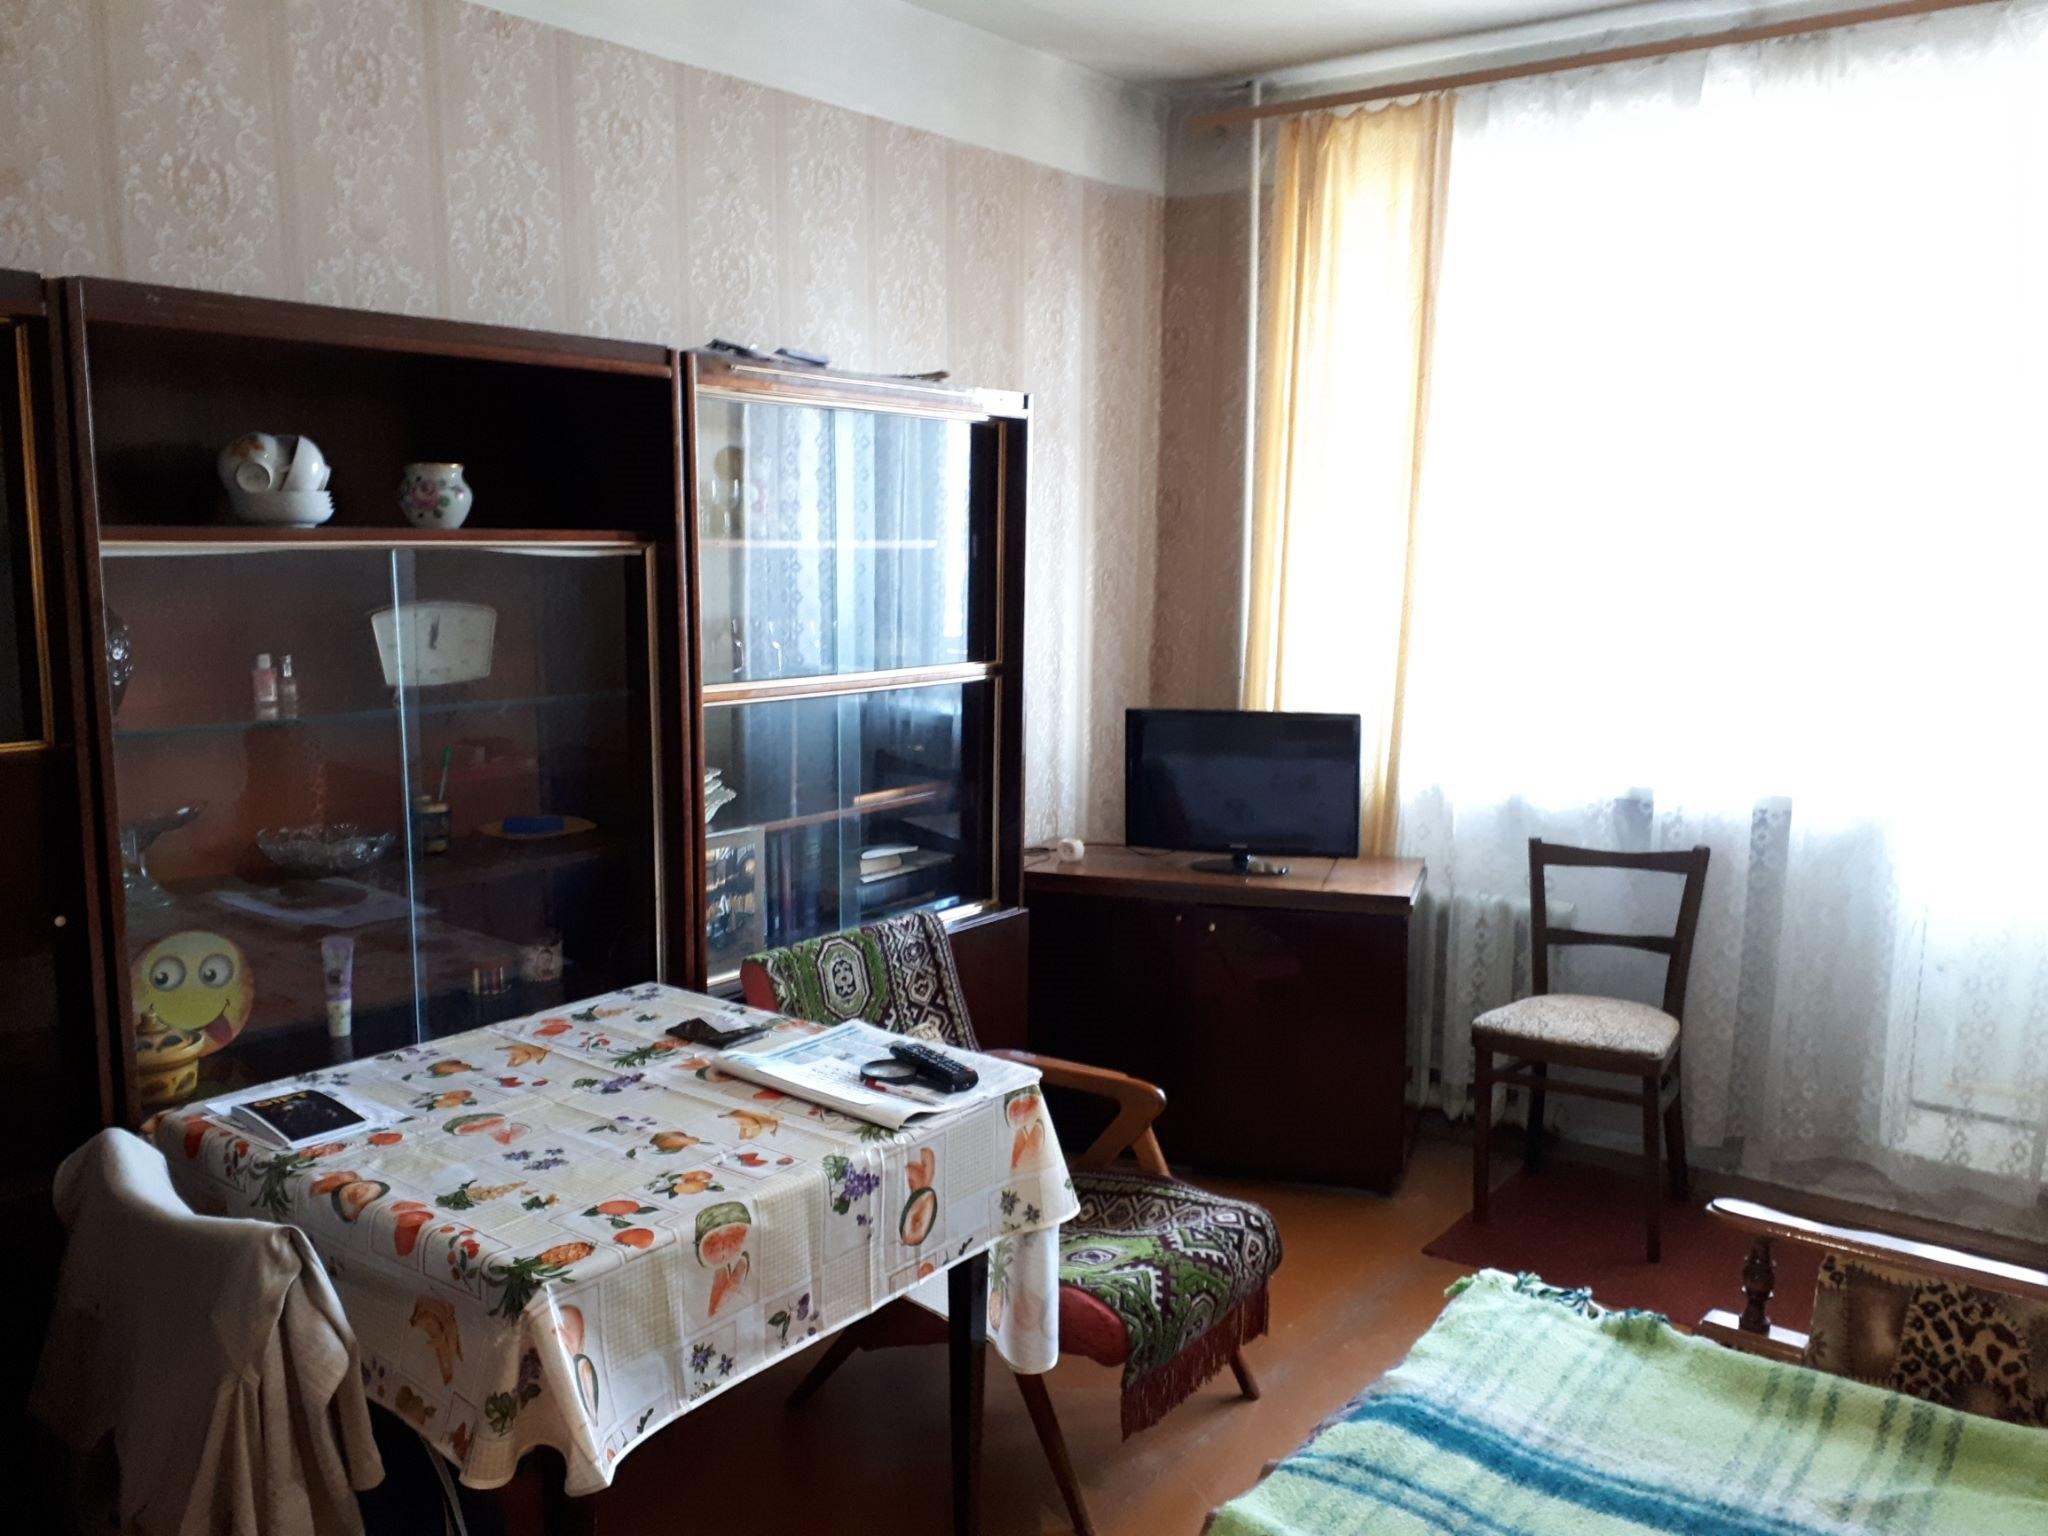 Продается двухкомнатная квартира за 4 100 000 рублей. Московская обл, г Домодедово, село Домодедово, ул Школьная.